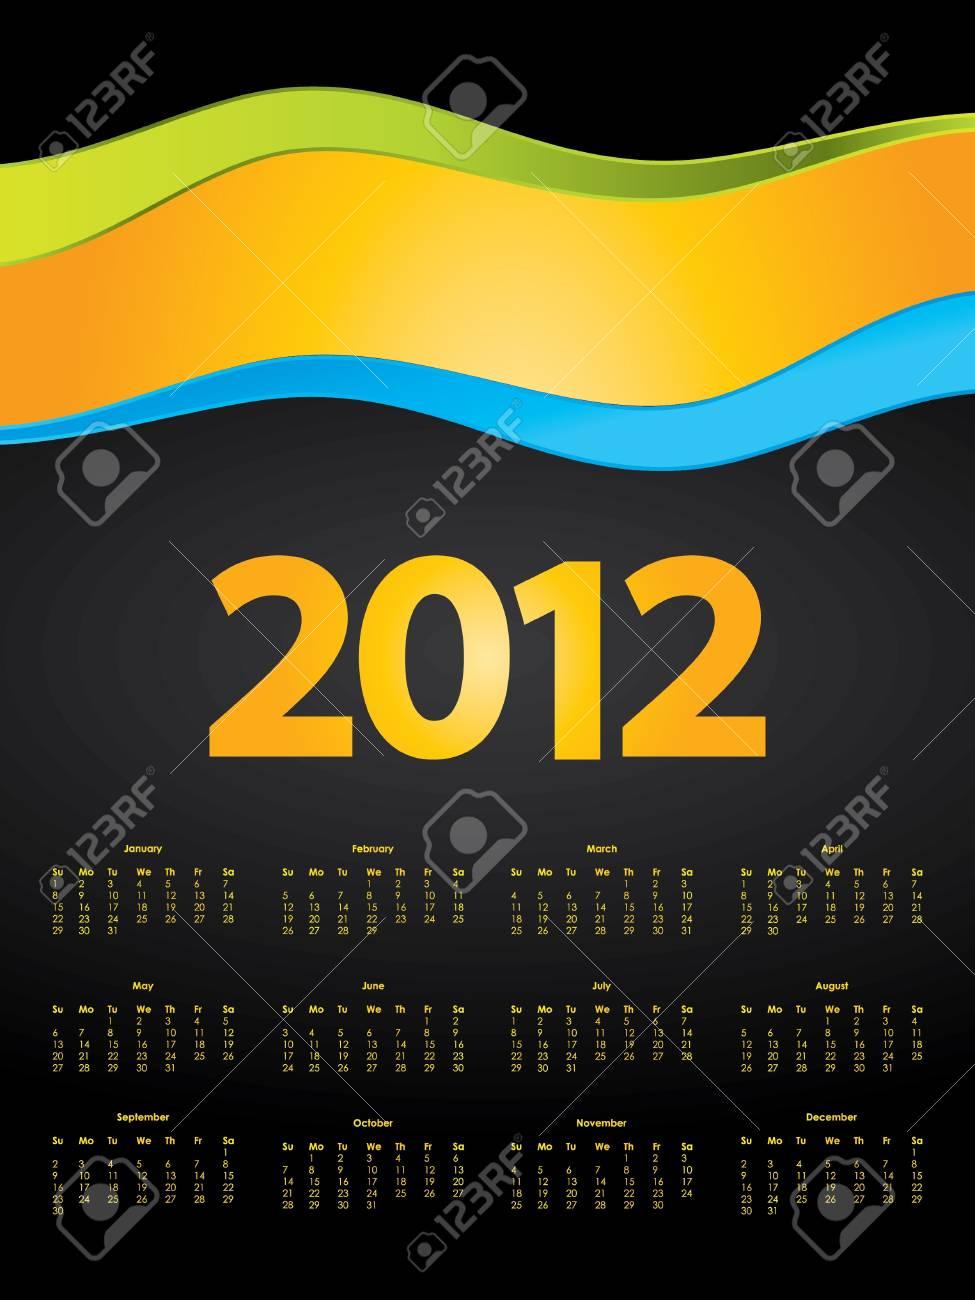 special calendar design for 2012 Stock Vector - 10421428